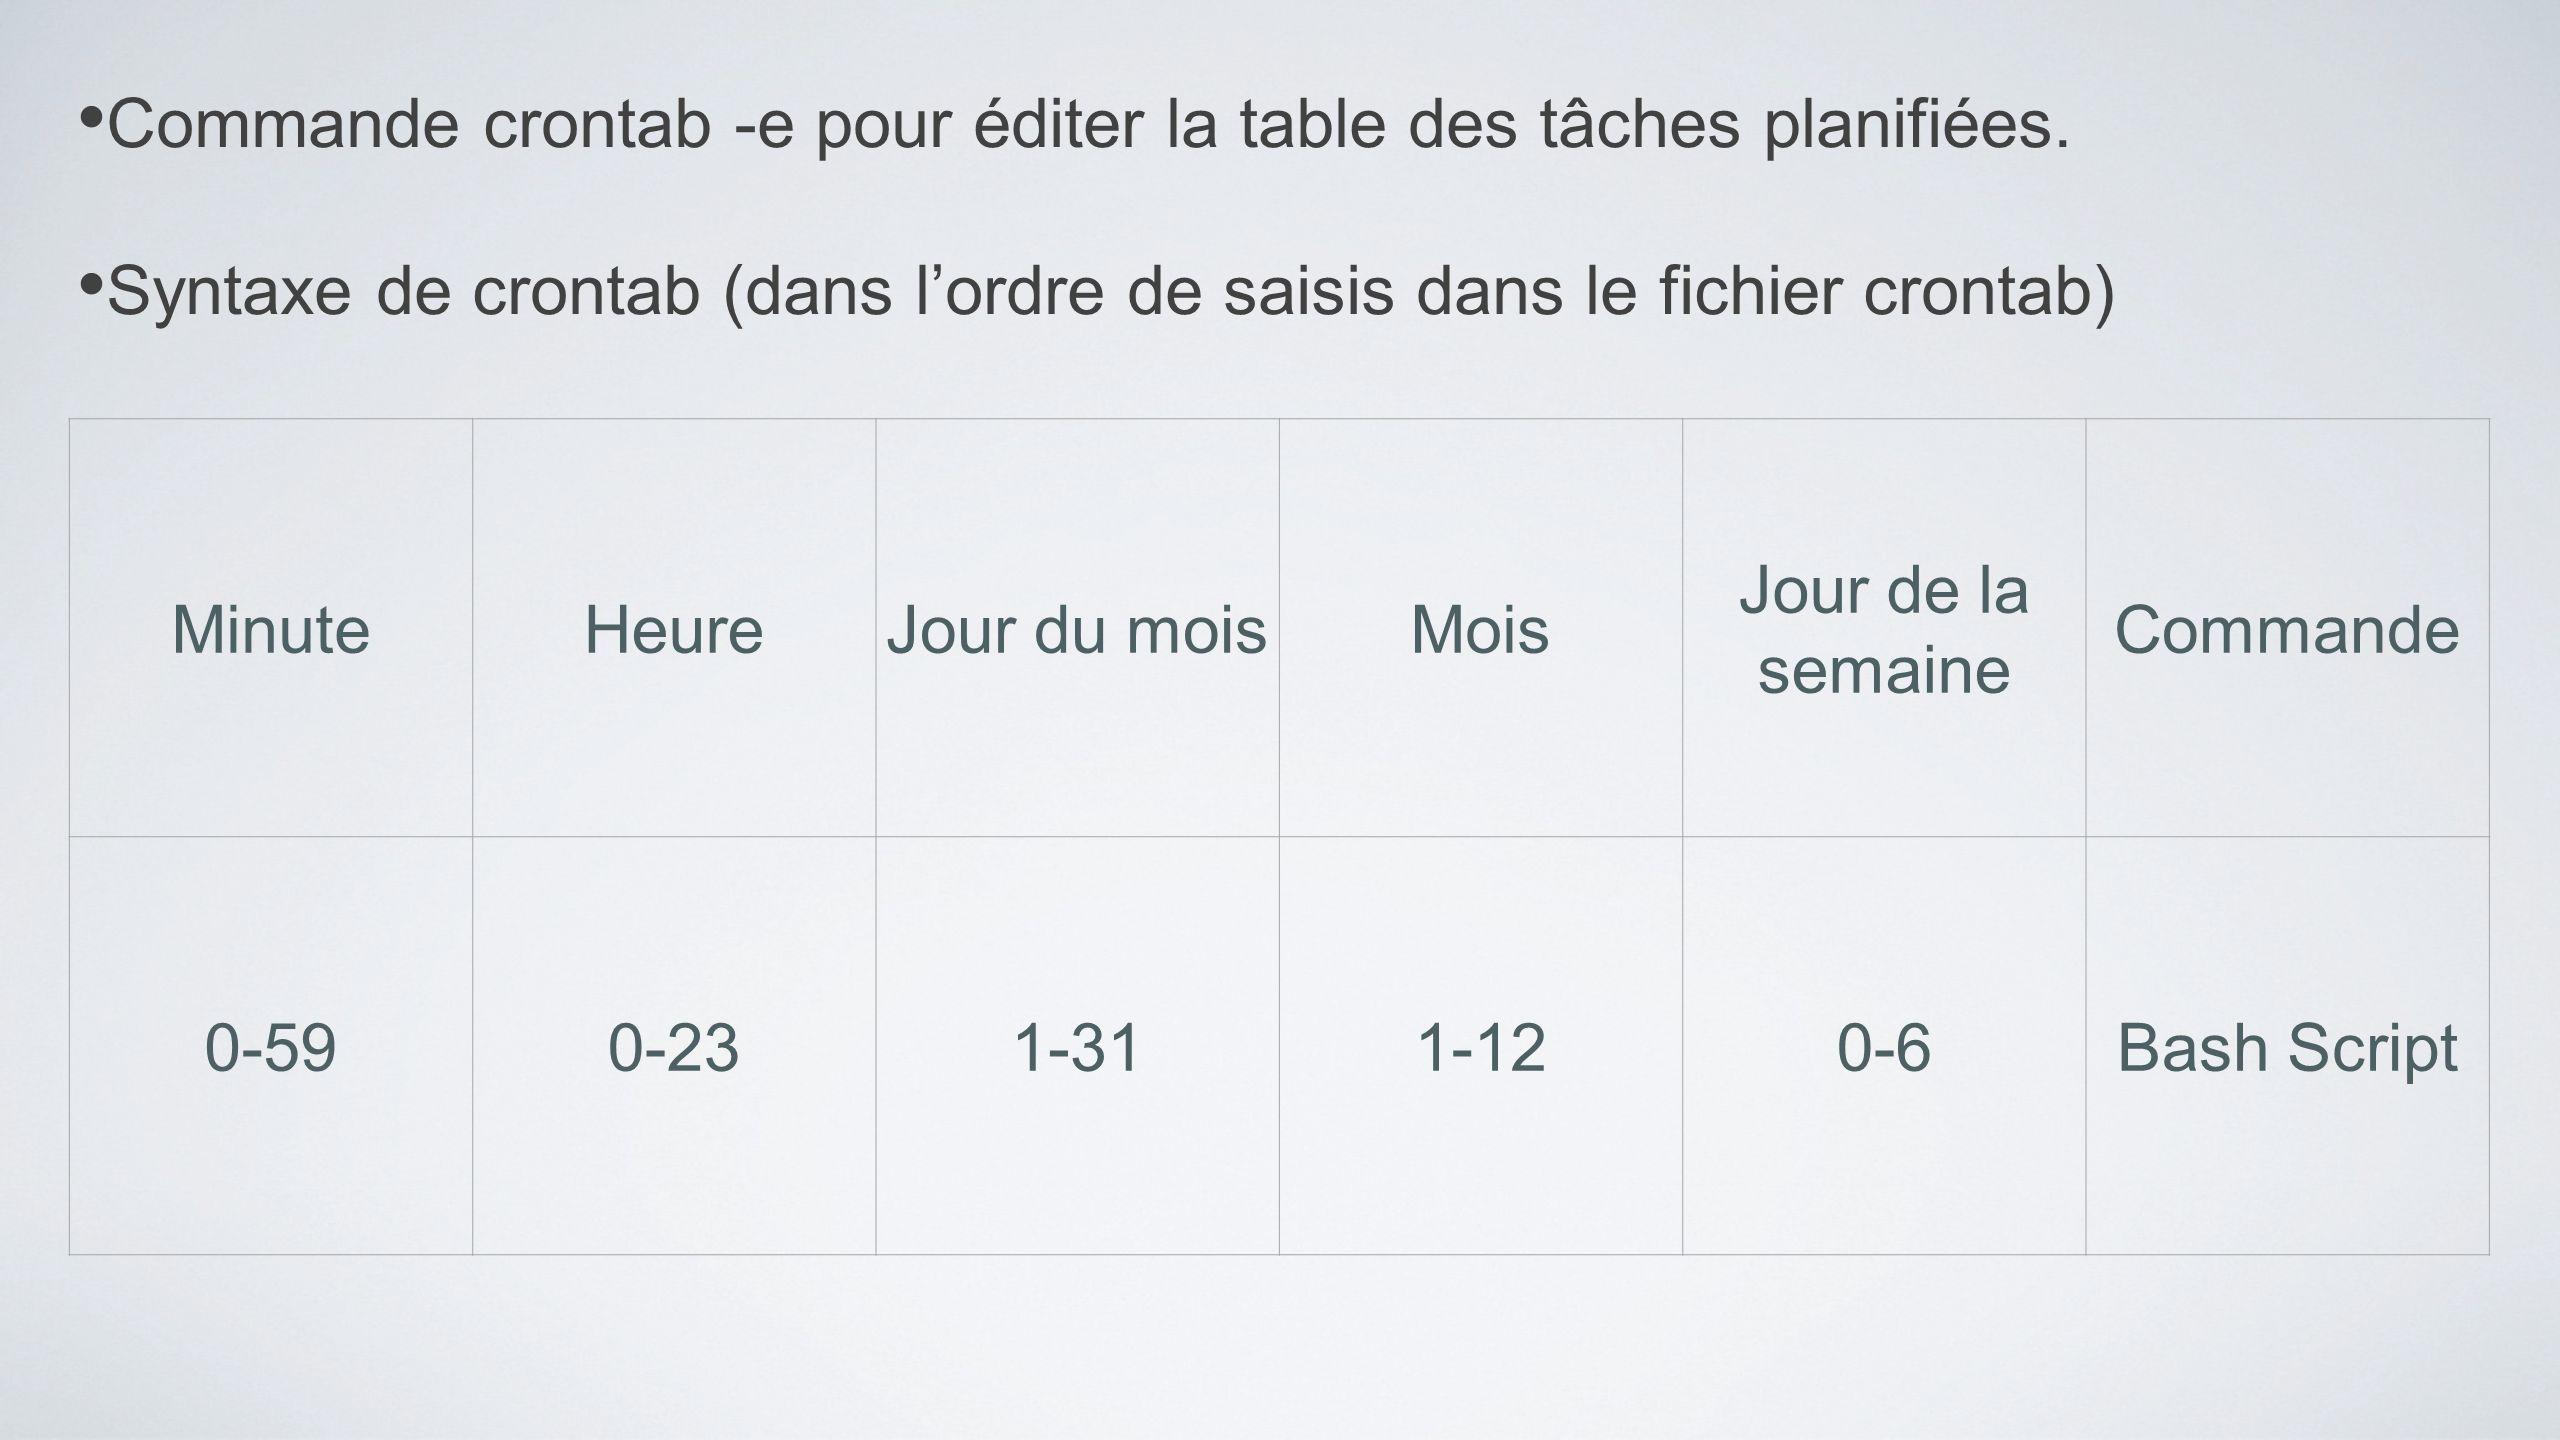 Commande crontab -e pour éditer la table des tâches planifiées.